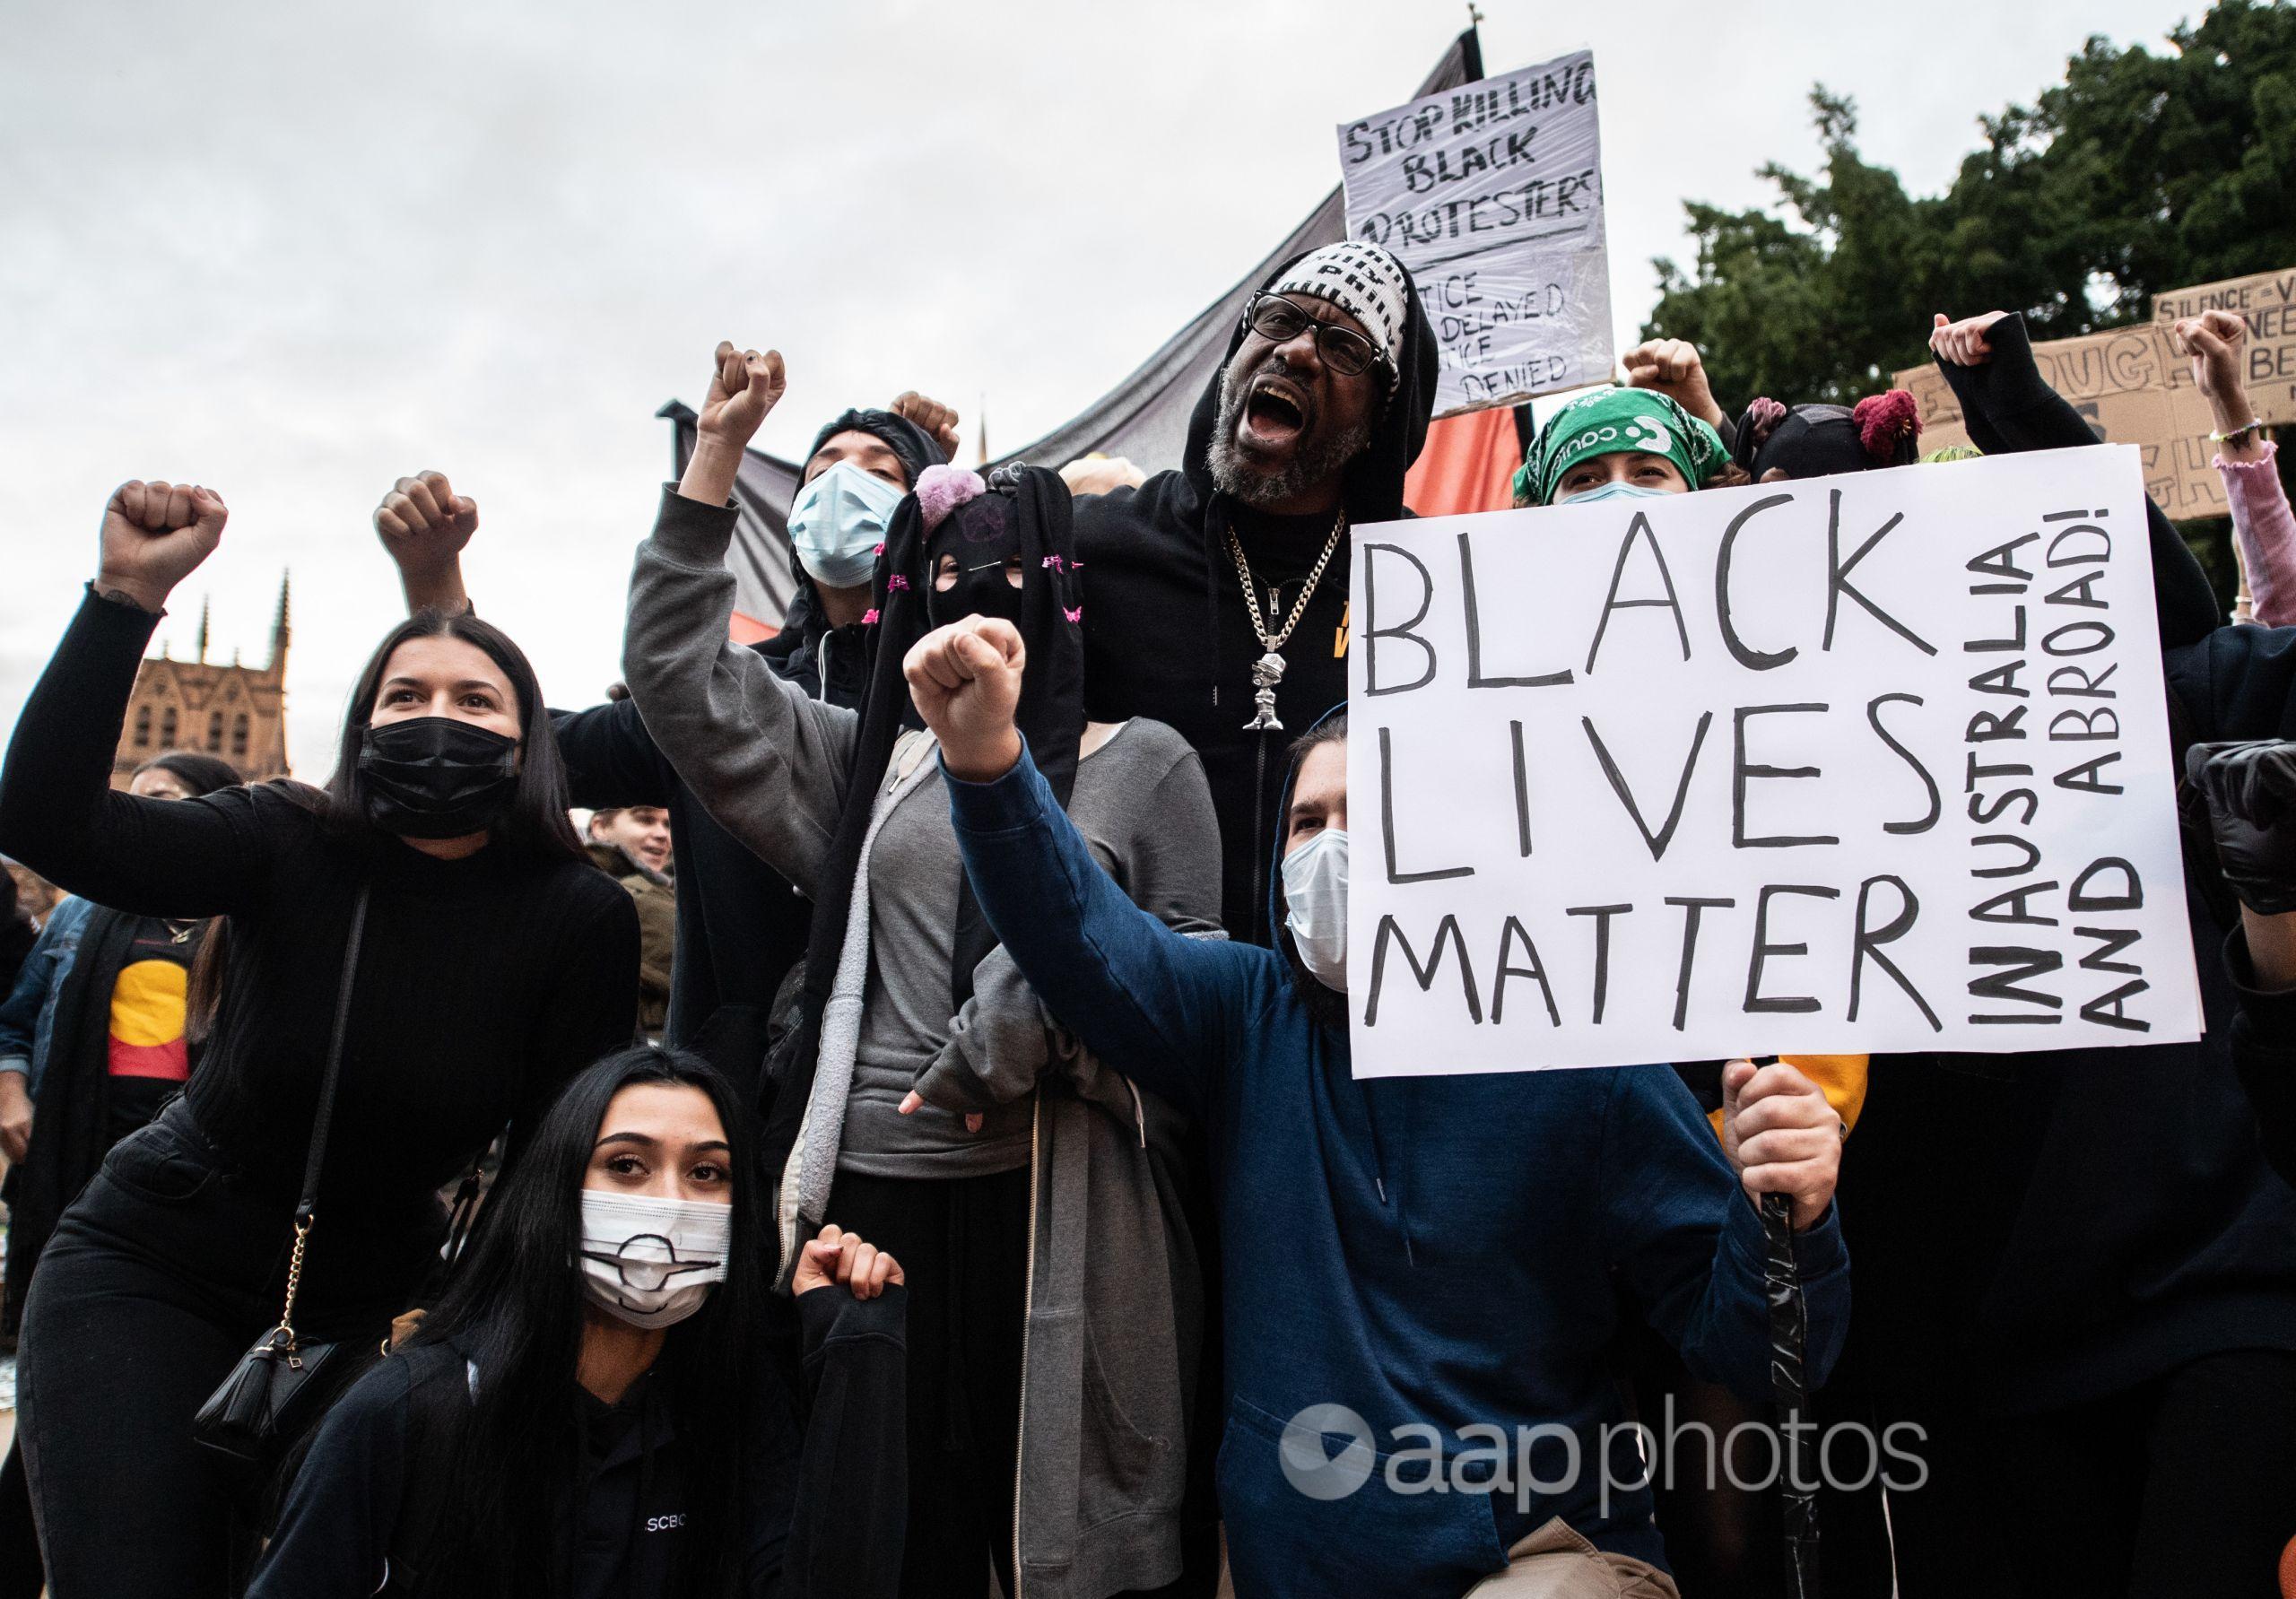 Sydney Black Lives Matter protest